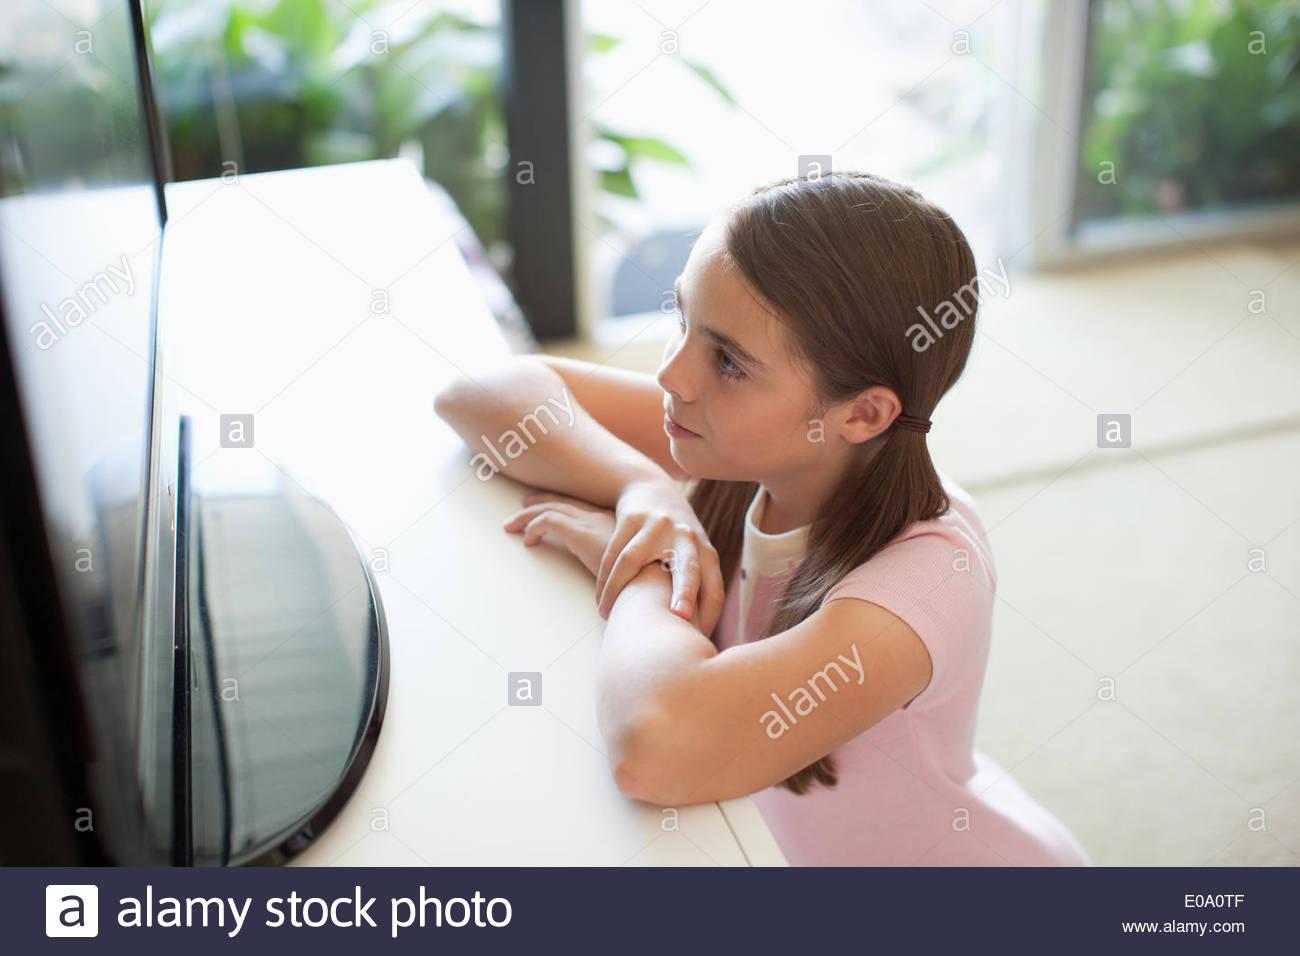 Girl watching TV Photo Stock